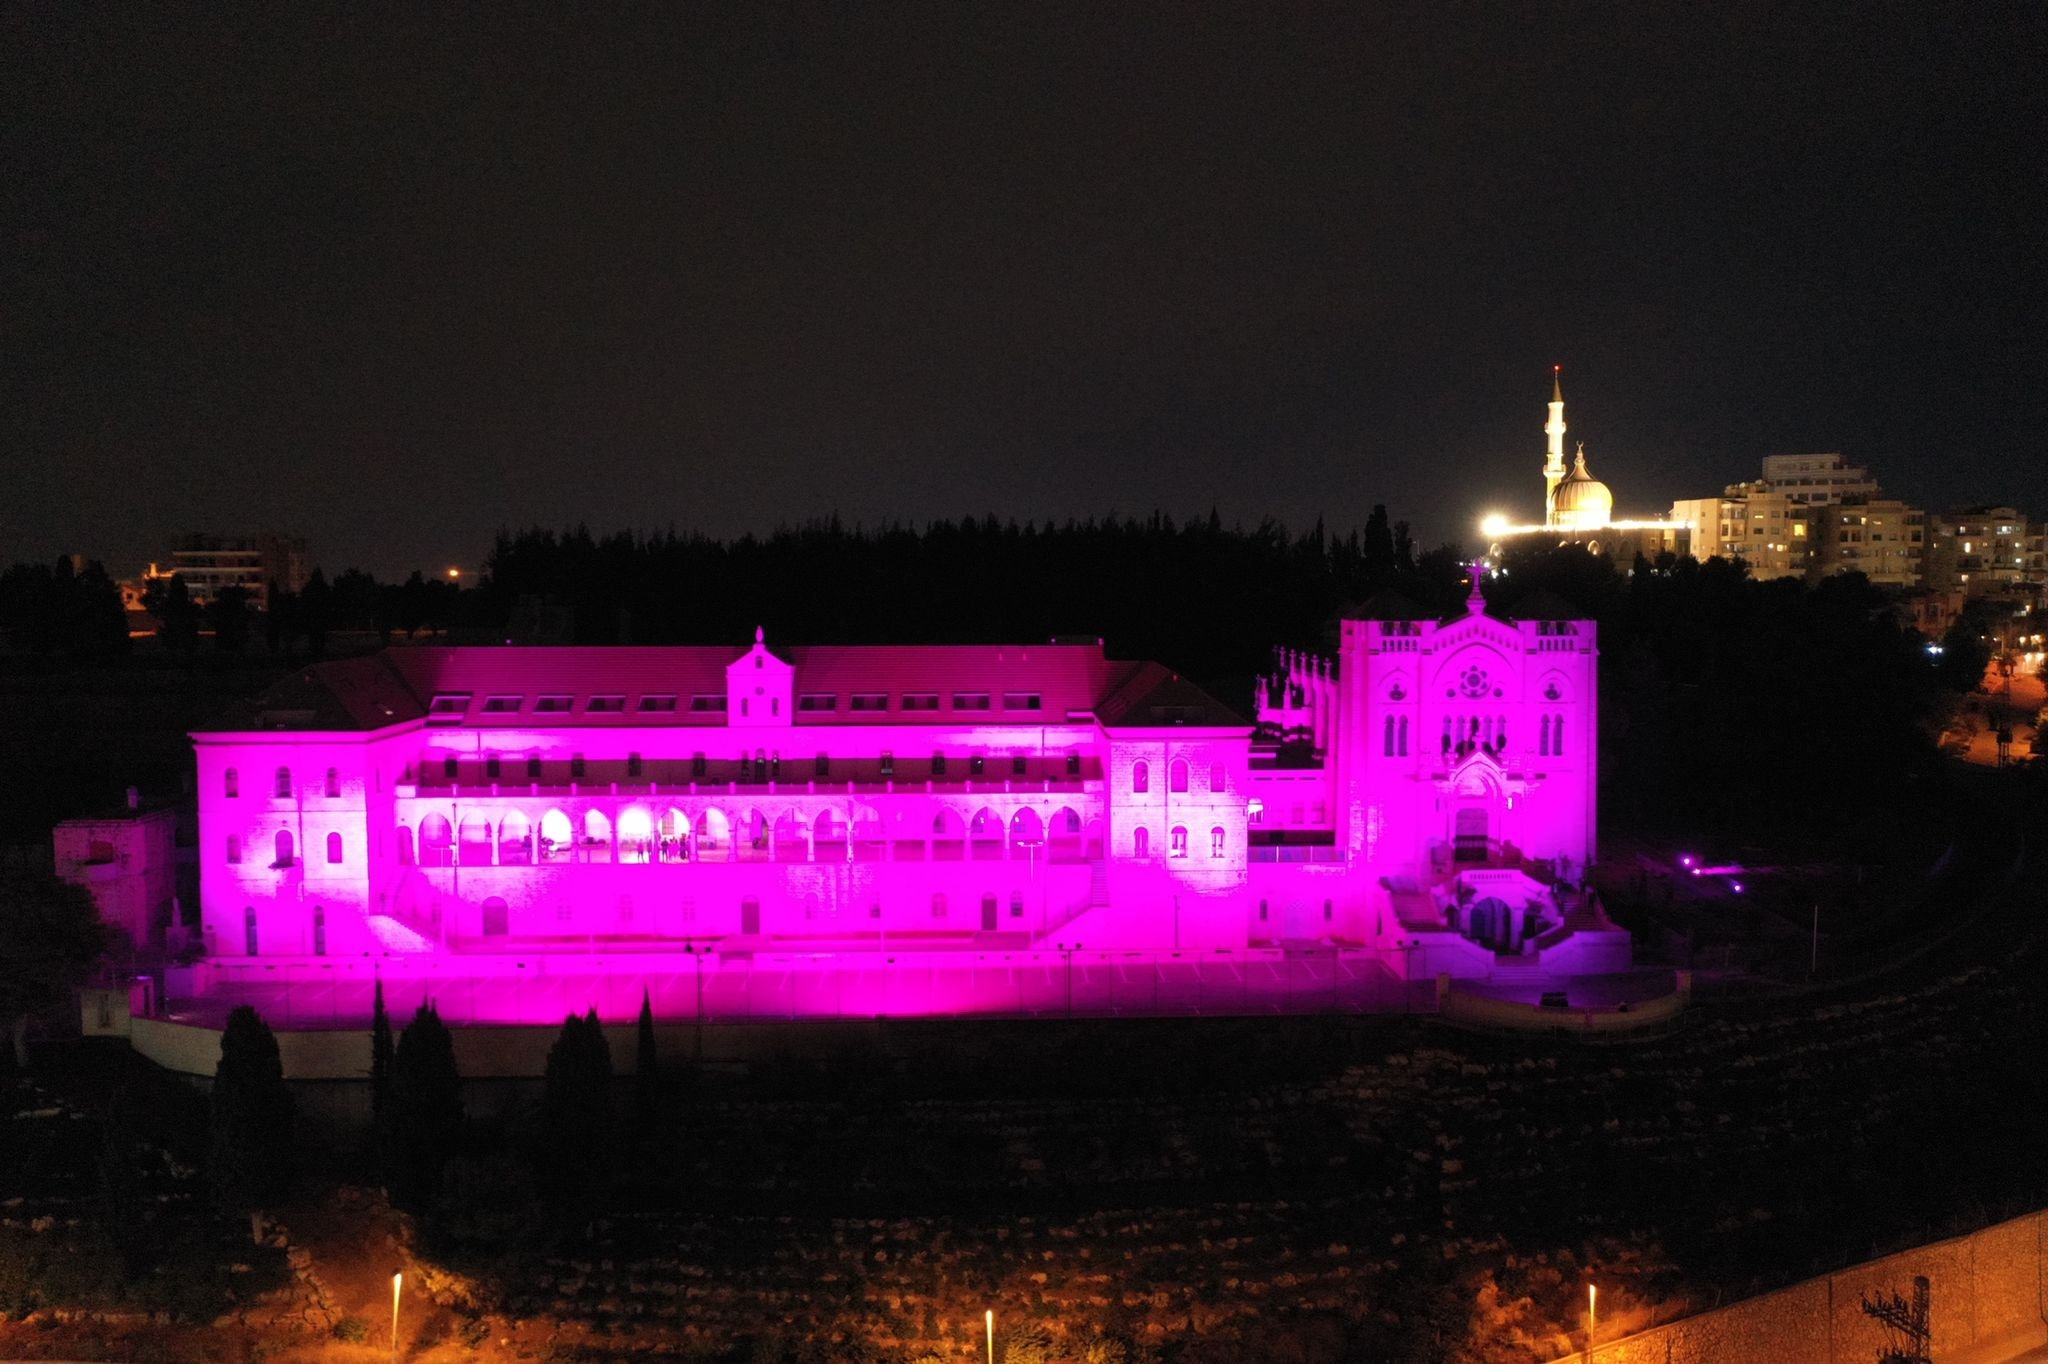 جمعية مريم تنظم أمسية التوعية الأكبر لسرطان الثدي وتضيء كنيسة السالزيان باللون الزهري-4